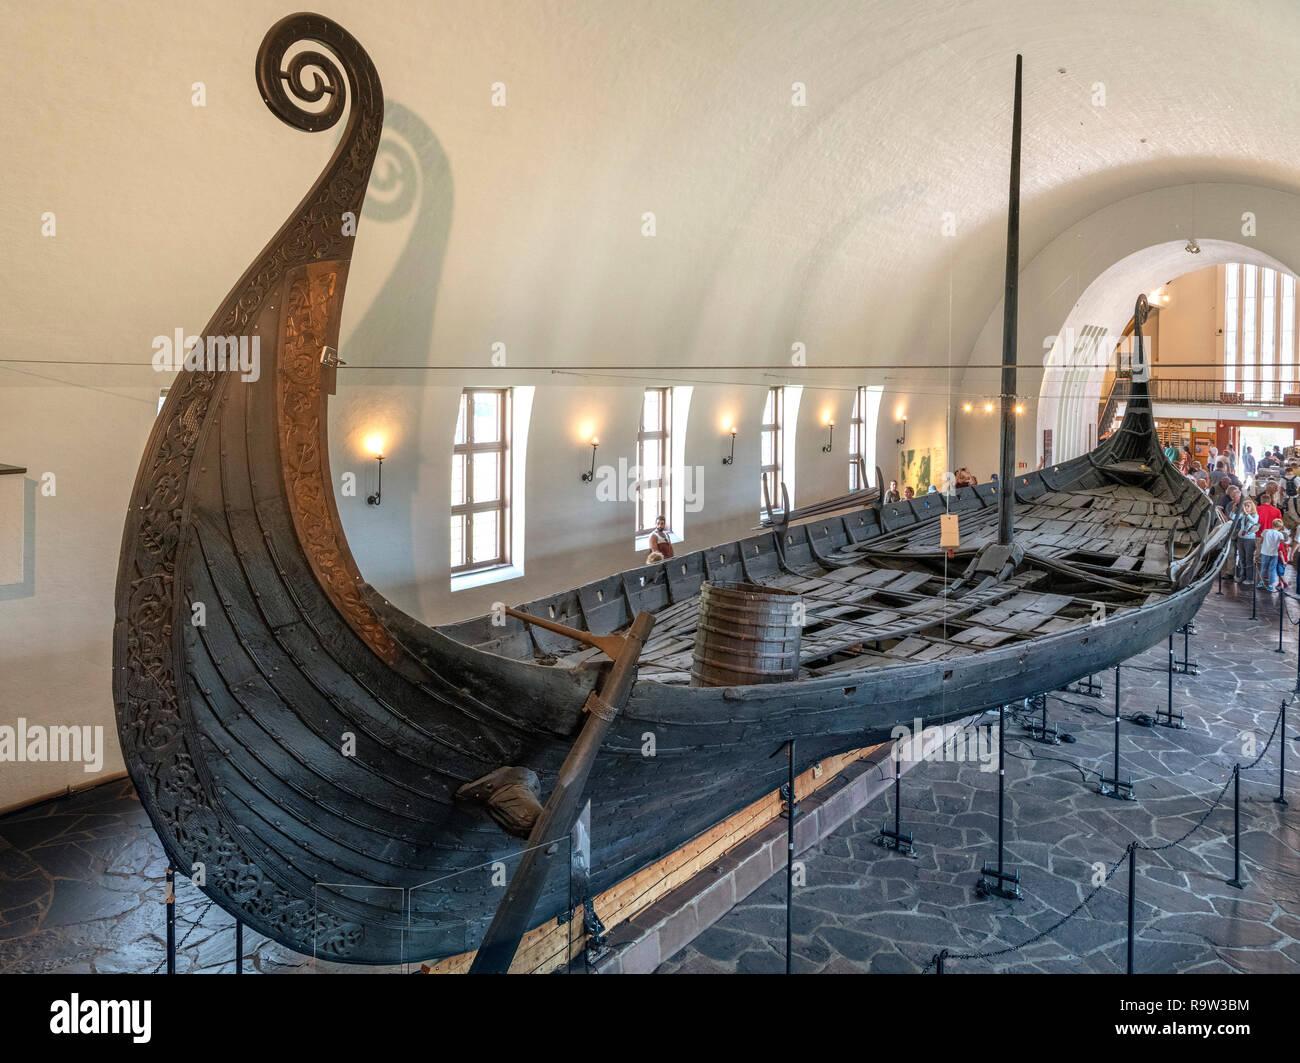 The Oseberg Ship (Osebergskipet) in the Viking Ship Museum (Vikingskipshuset), Bygdøy, Oslo, Norway - Stock Image